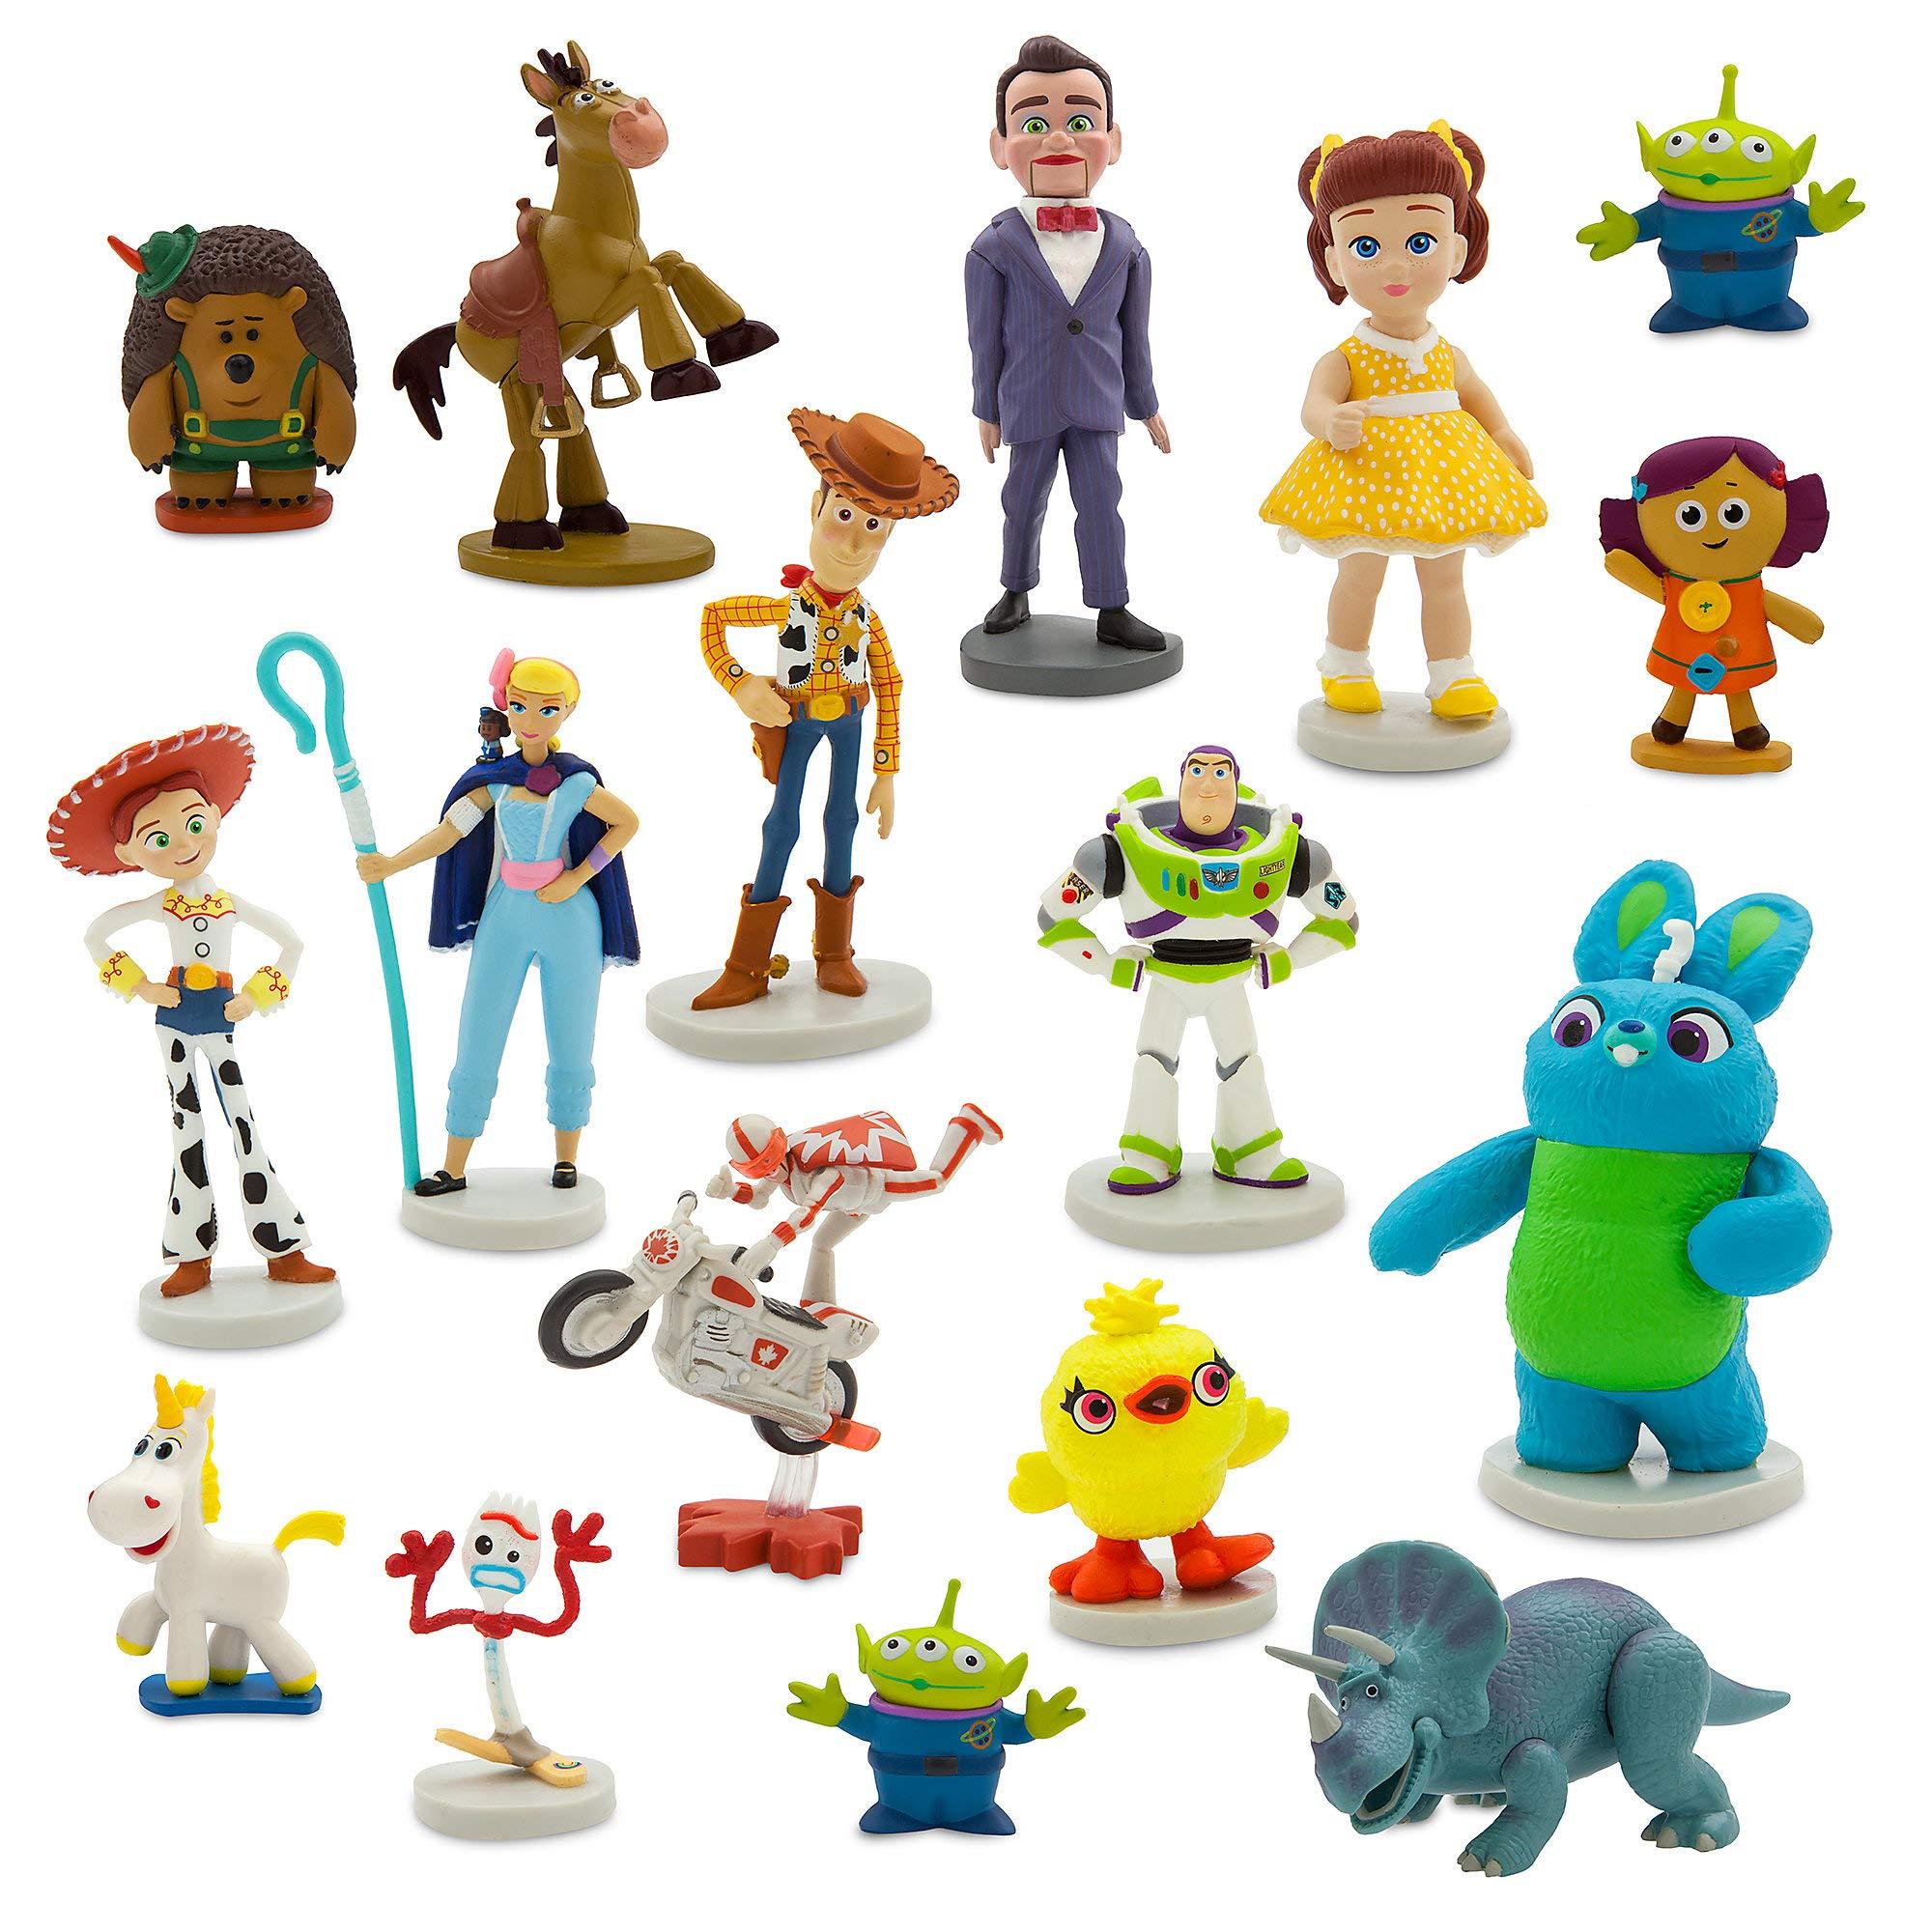 Sticker 179 Panini Toy Story 4